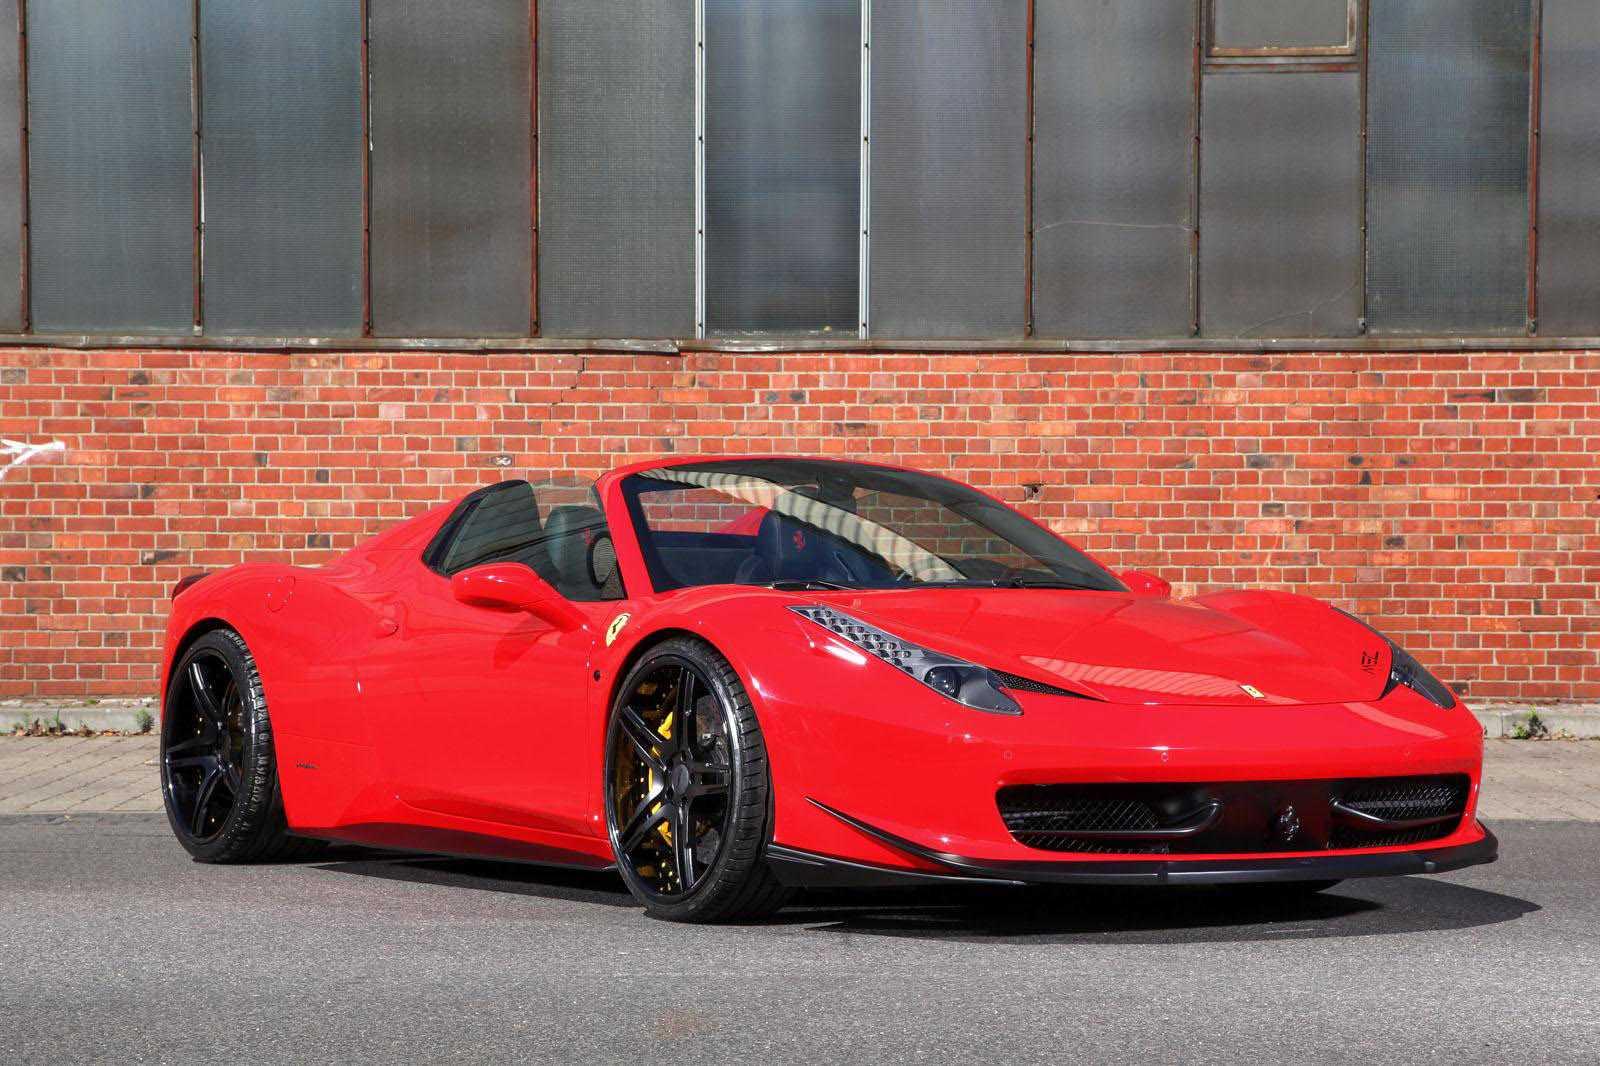 Ferrari ff 2018-2019 цена, технические характеристики, фото, видео тест-драйв